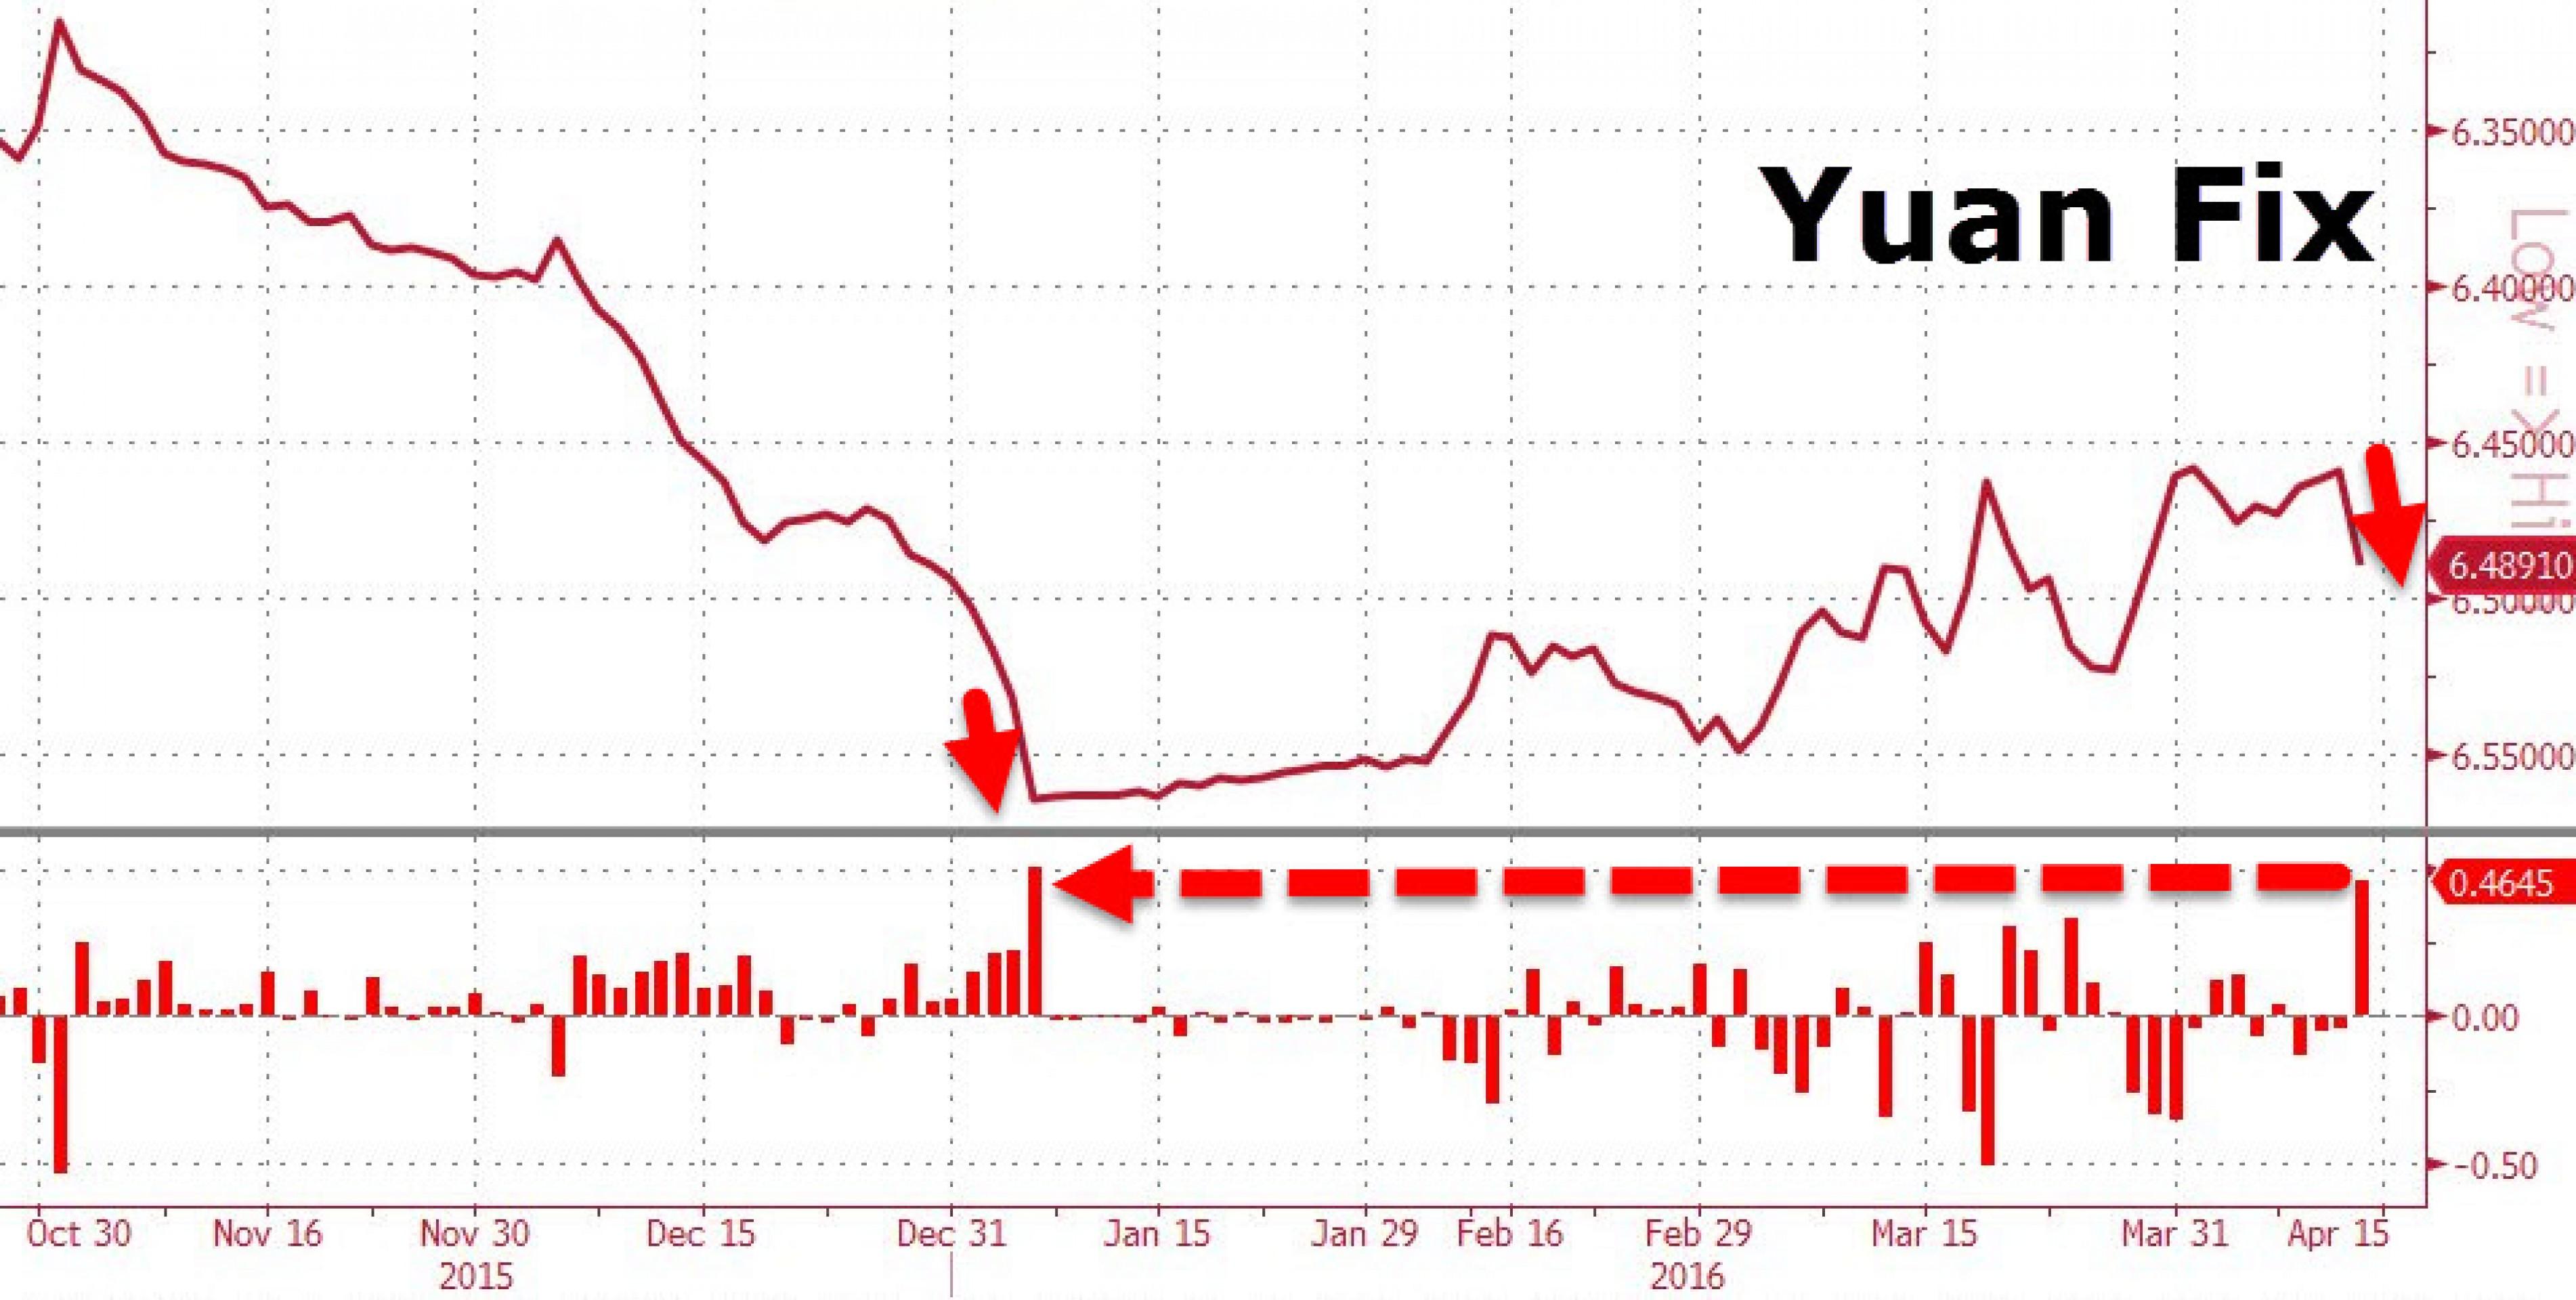 ЦБ Китая девальвировал юань на 0,46%